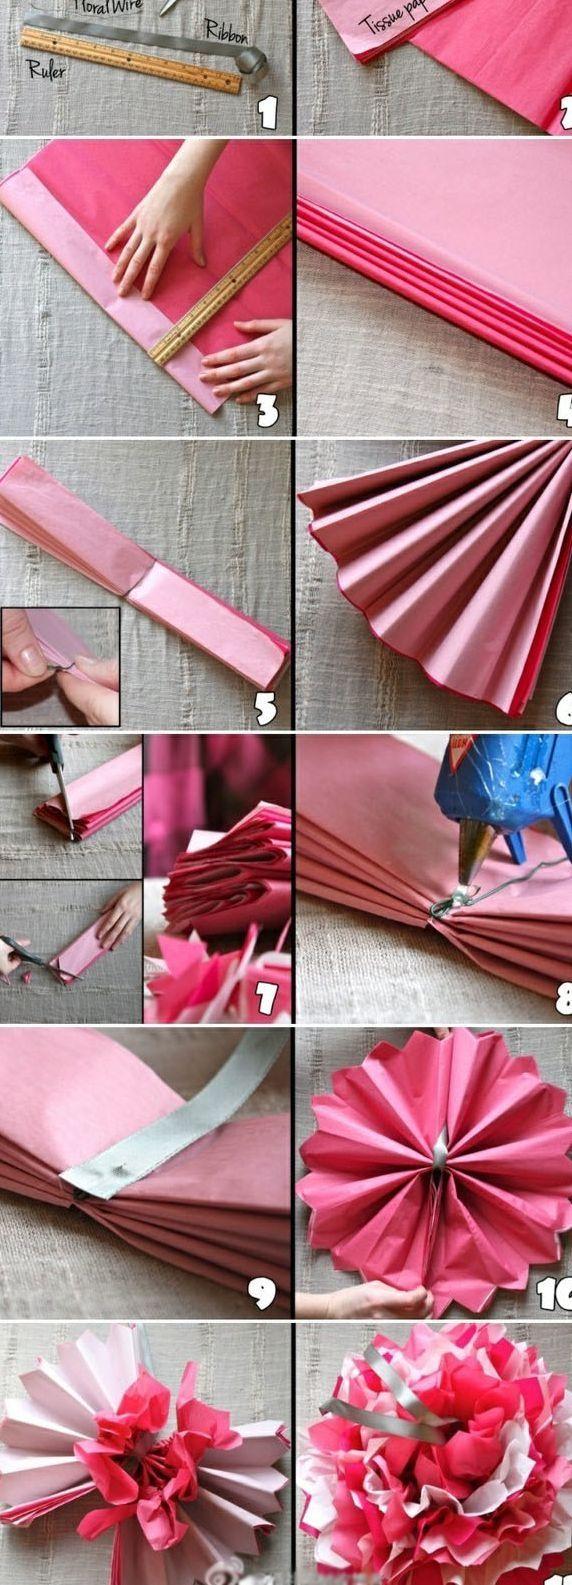 Diy pom poms diy crafts home made easy crafts craft idea crafts diy pom poms diy crafts home made easy crafts craft idea crafts ideas diy ideas diy solutioingenieria Gallery